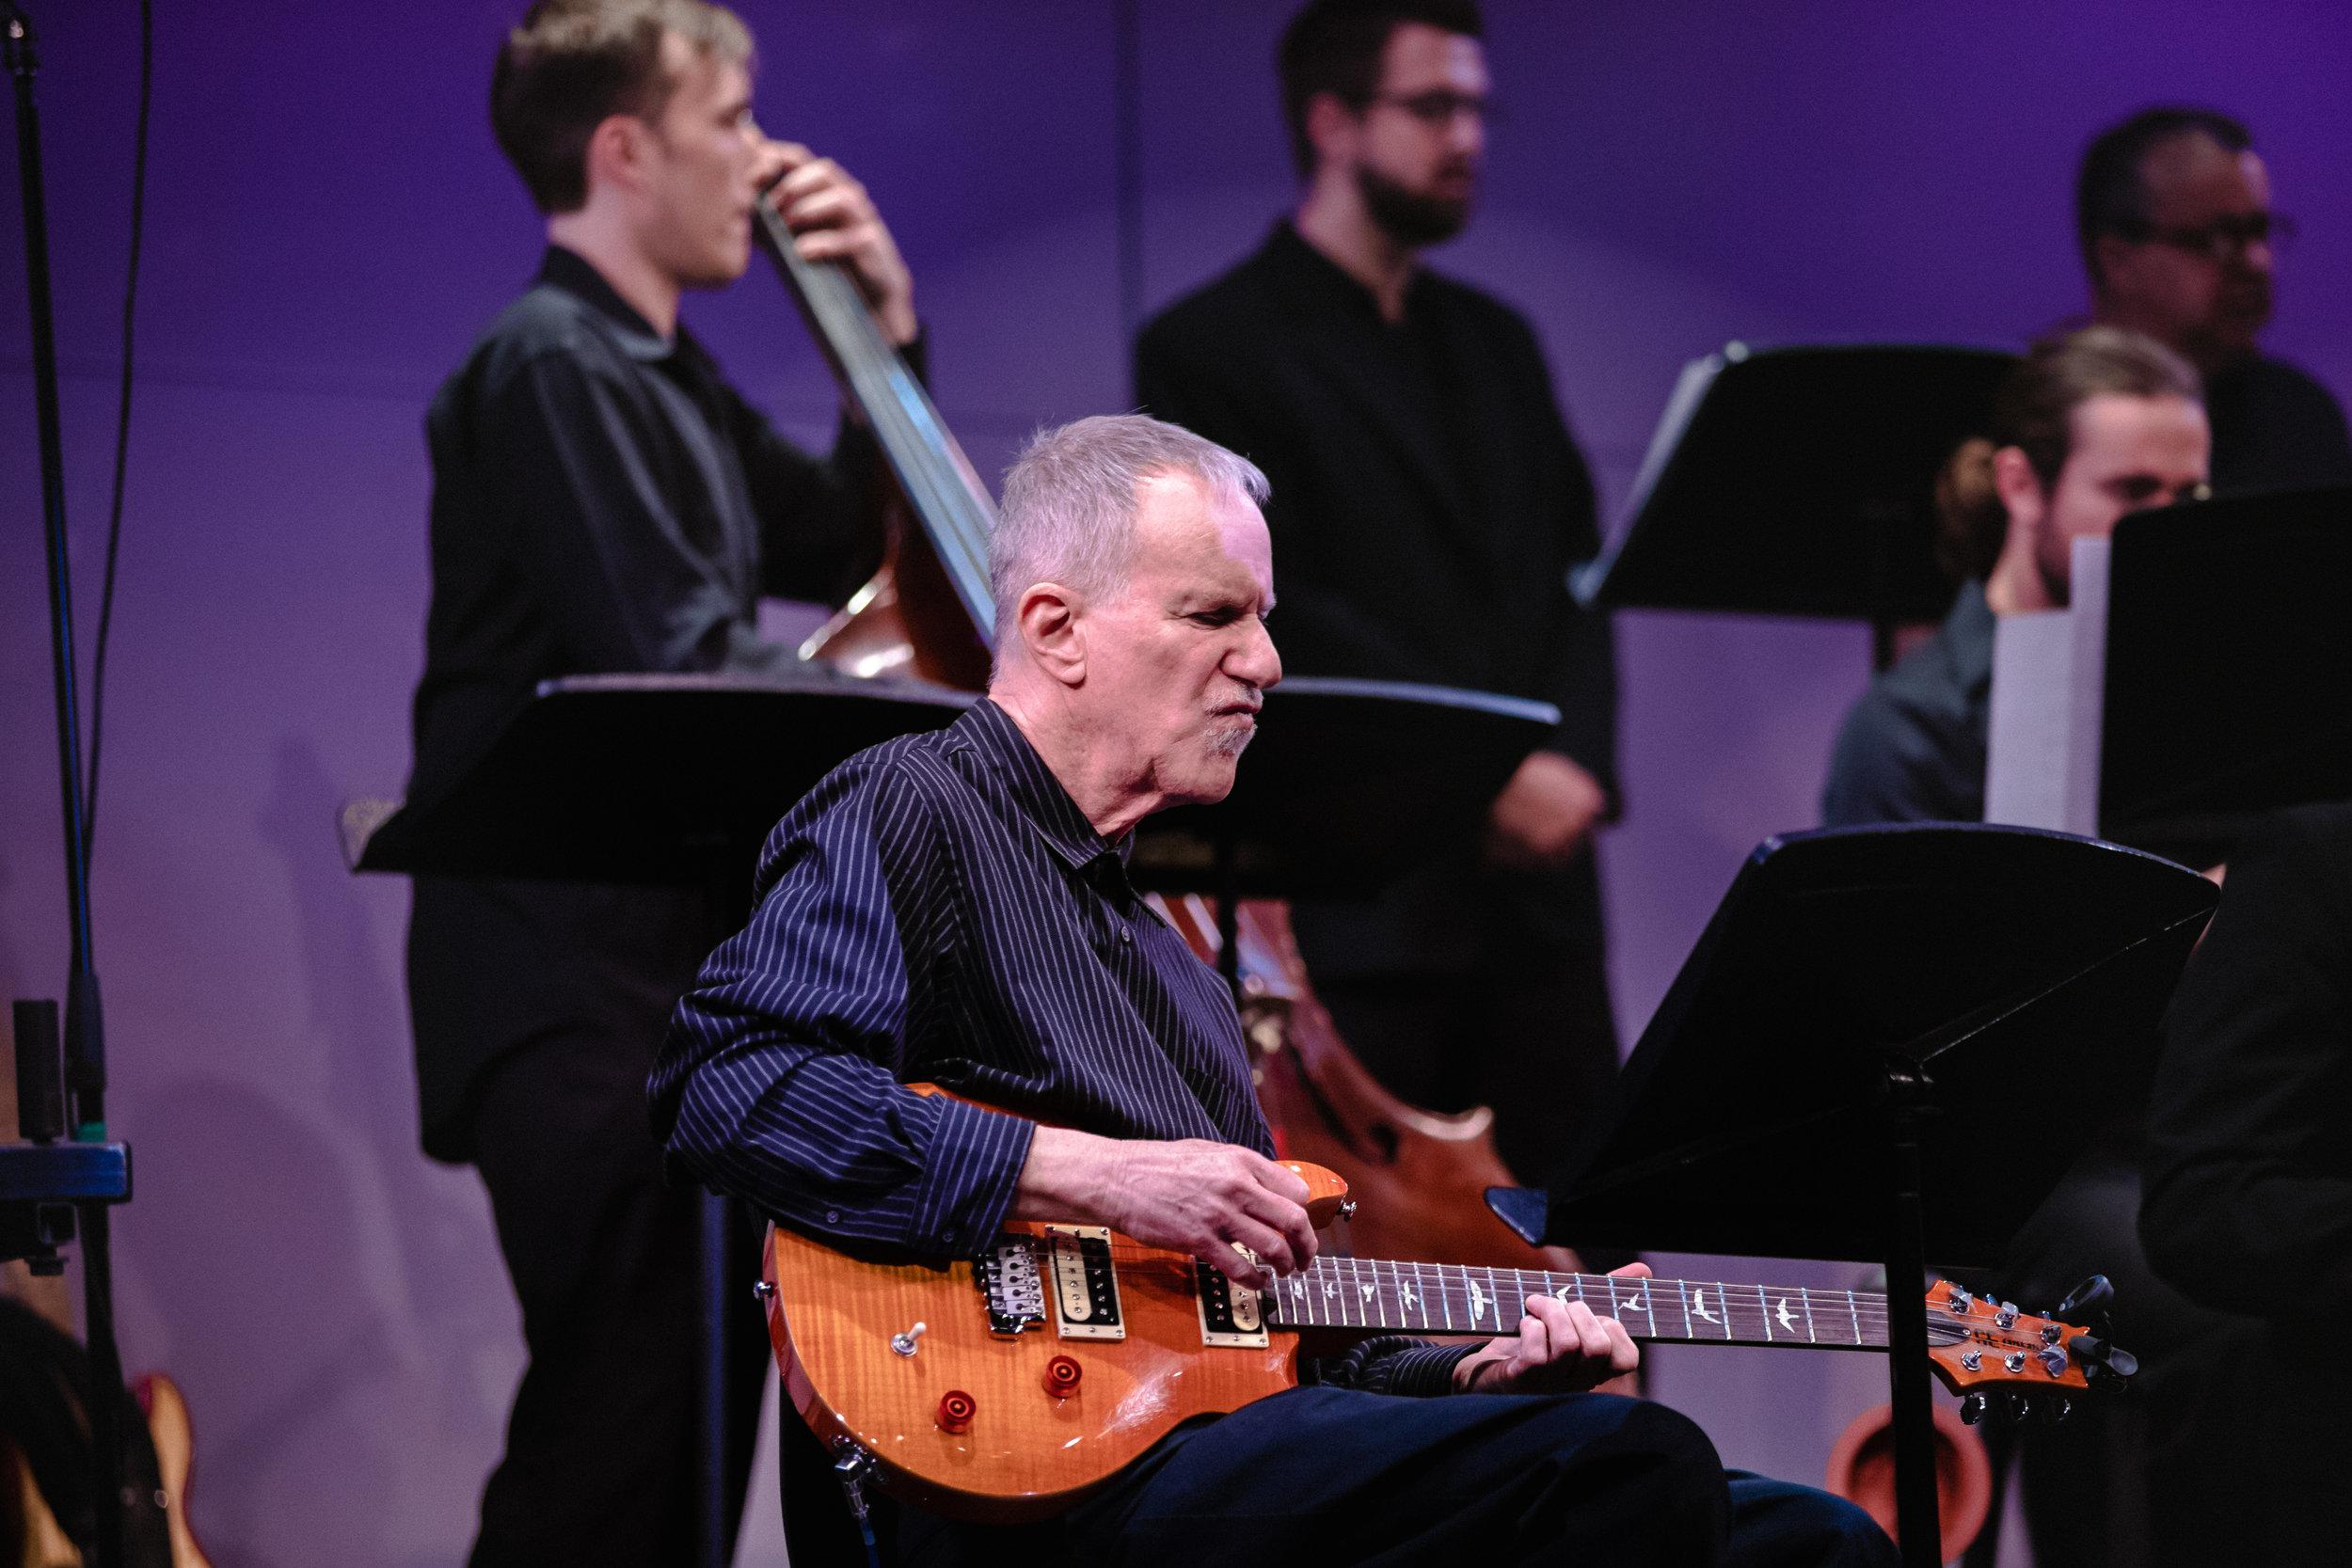 Gary Friedman, guitar